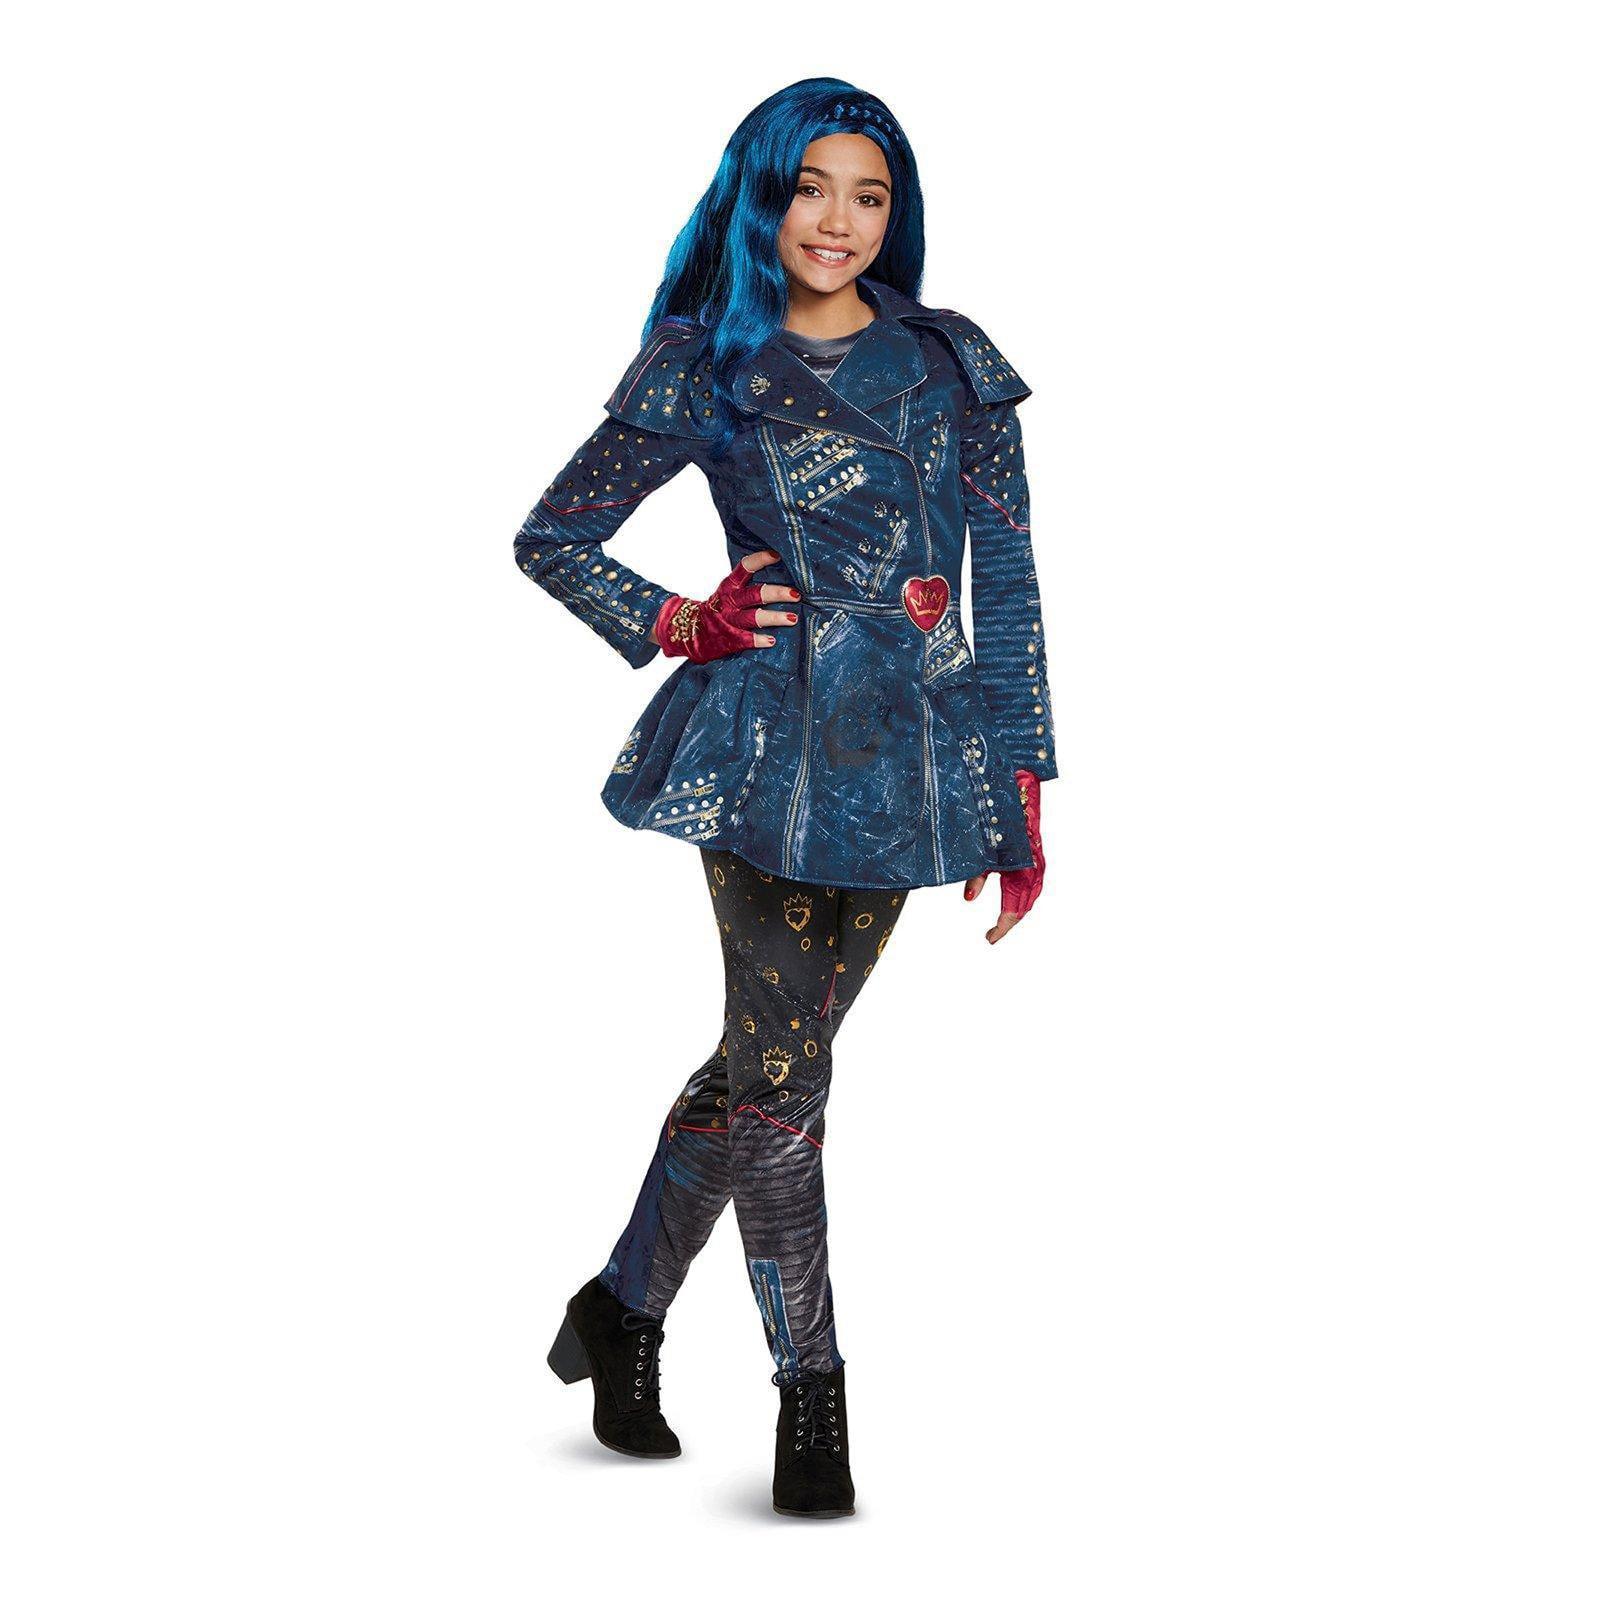 Descendants Evie Deluxe Isle Look Child Halloween Costume